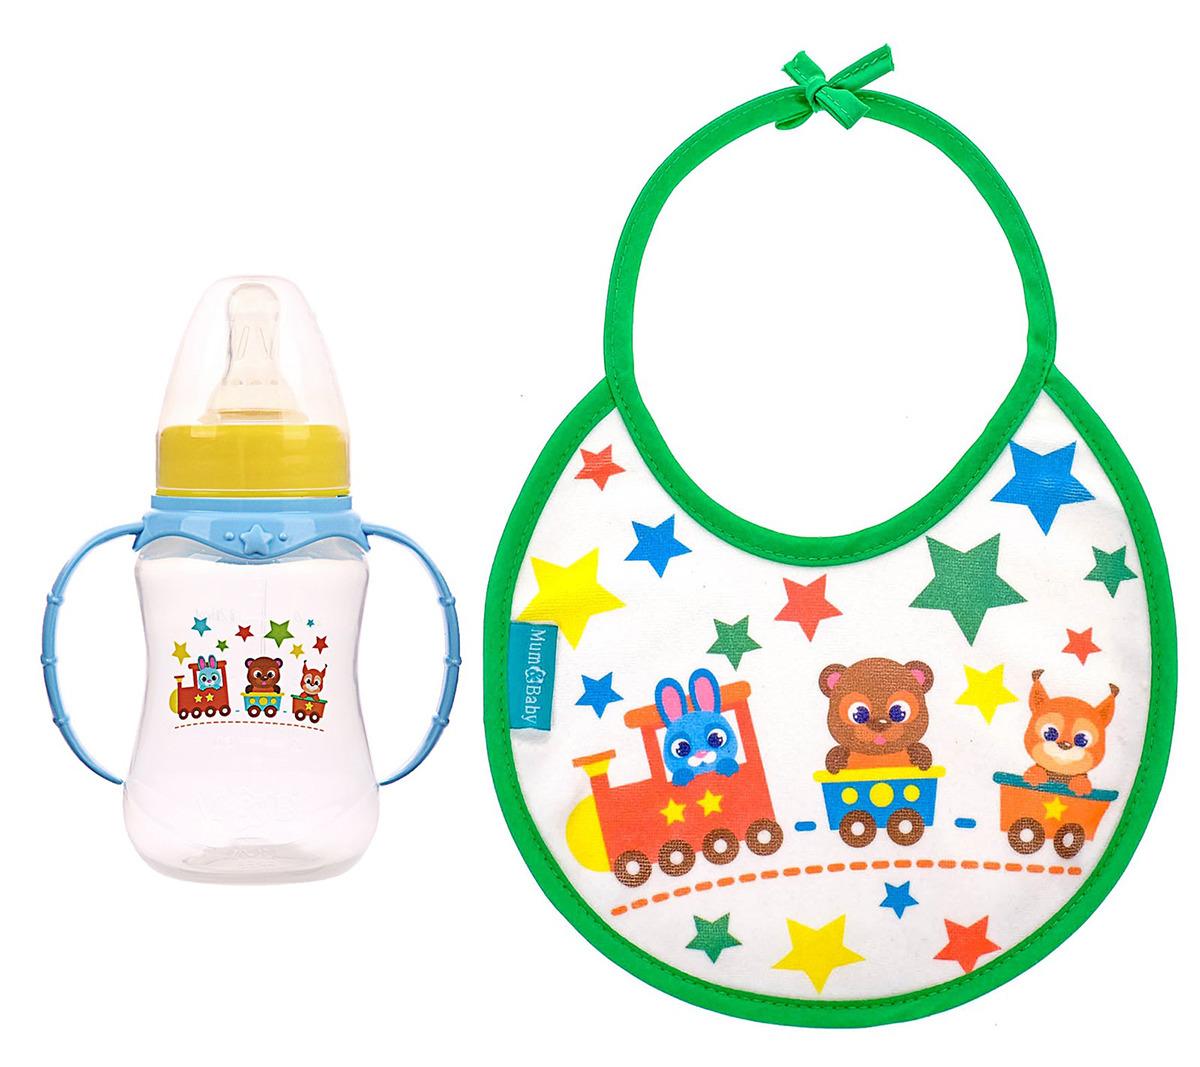 Набор Mum&Baby Веселый паровозик, 3654356, бутылочка для кормления 150 мл + нагрудник набор для кормления детей happy baby anti colic baby bottle 10009 lime